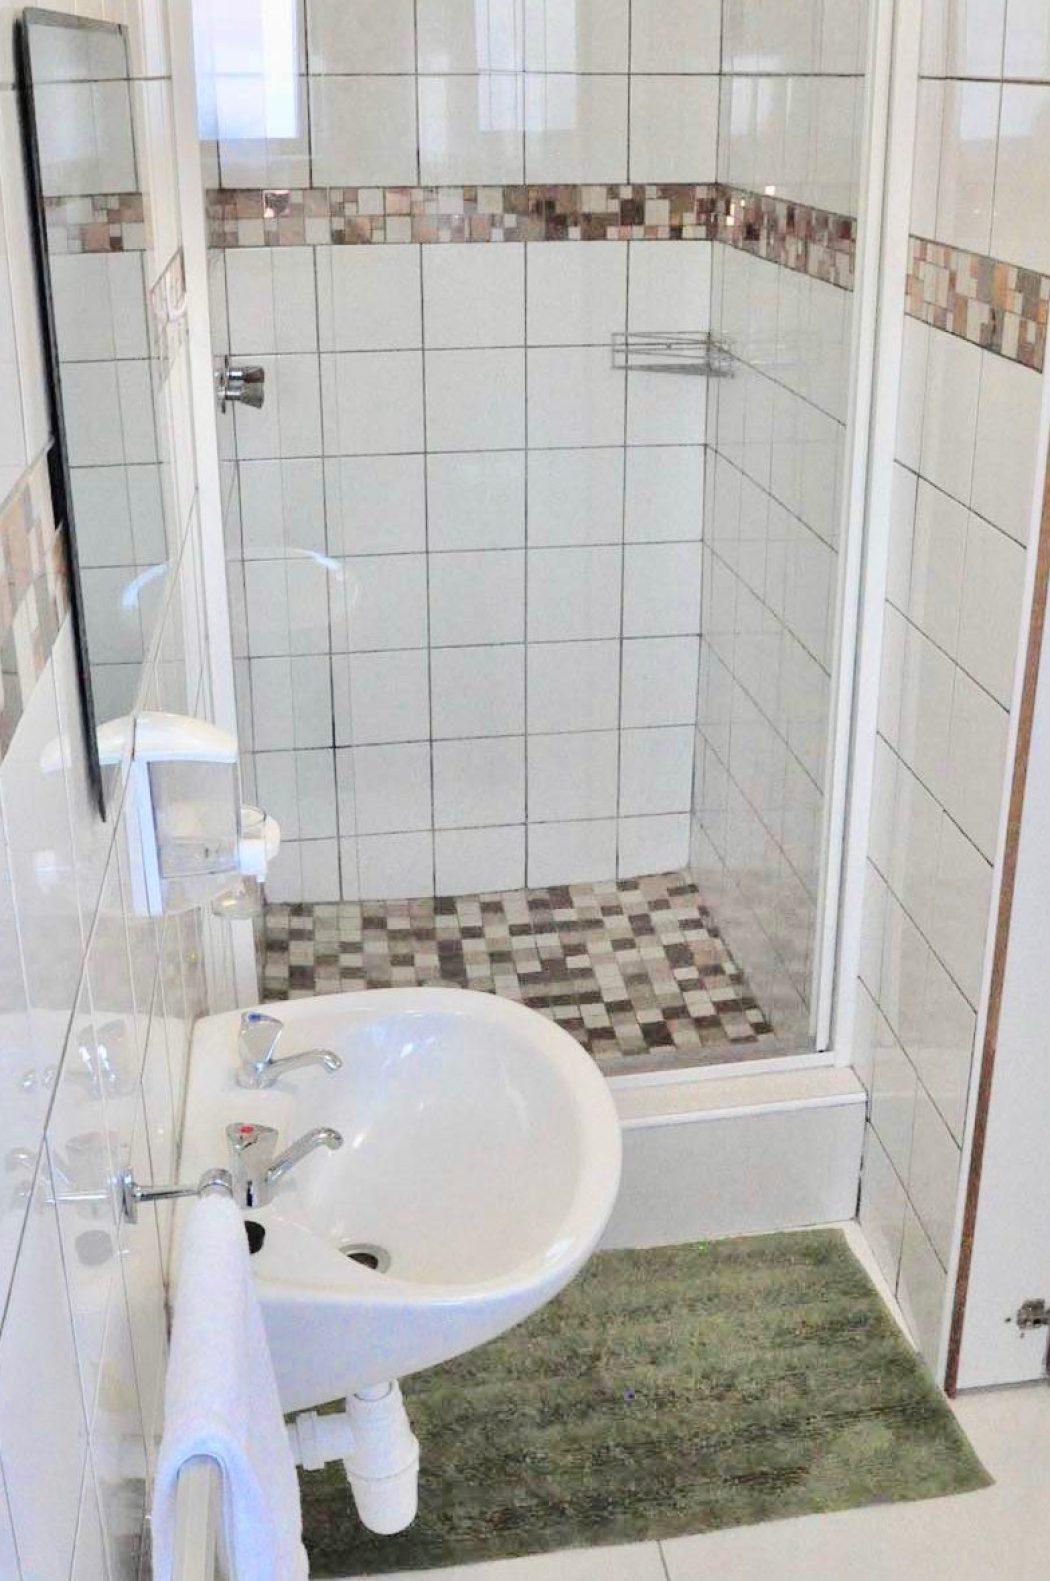 Timoslodge_Toilet3